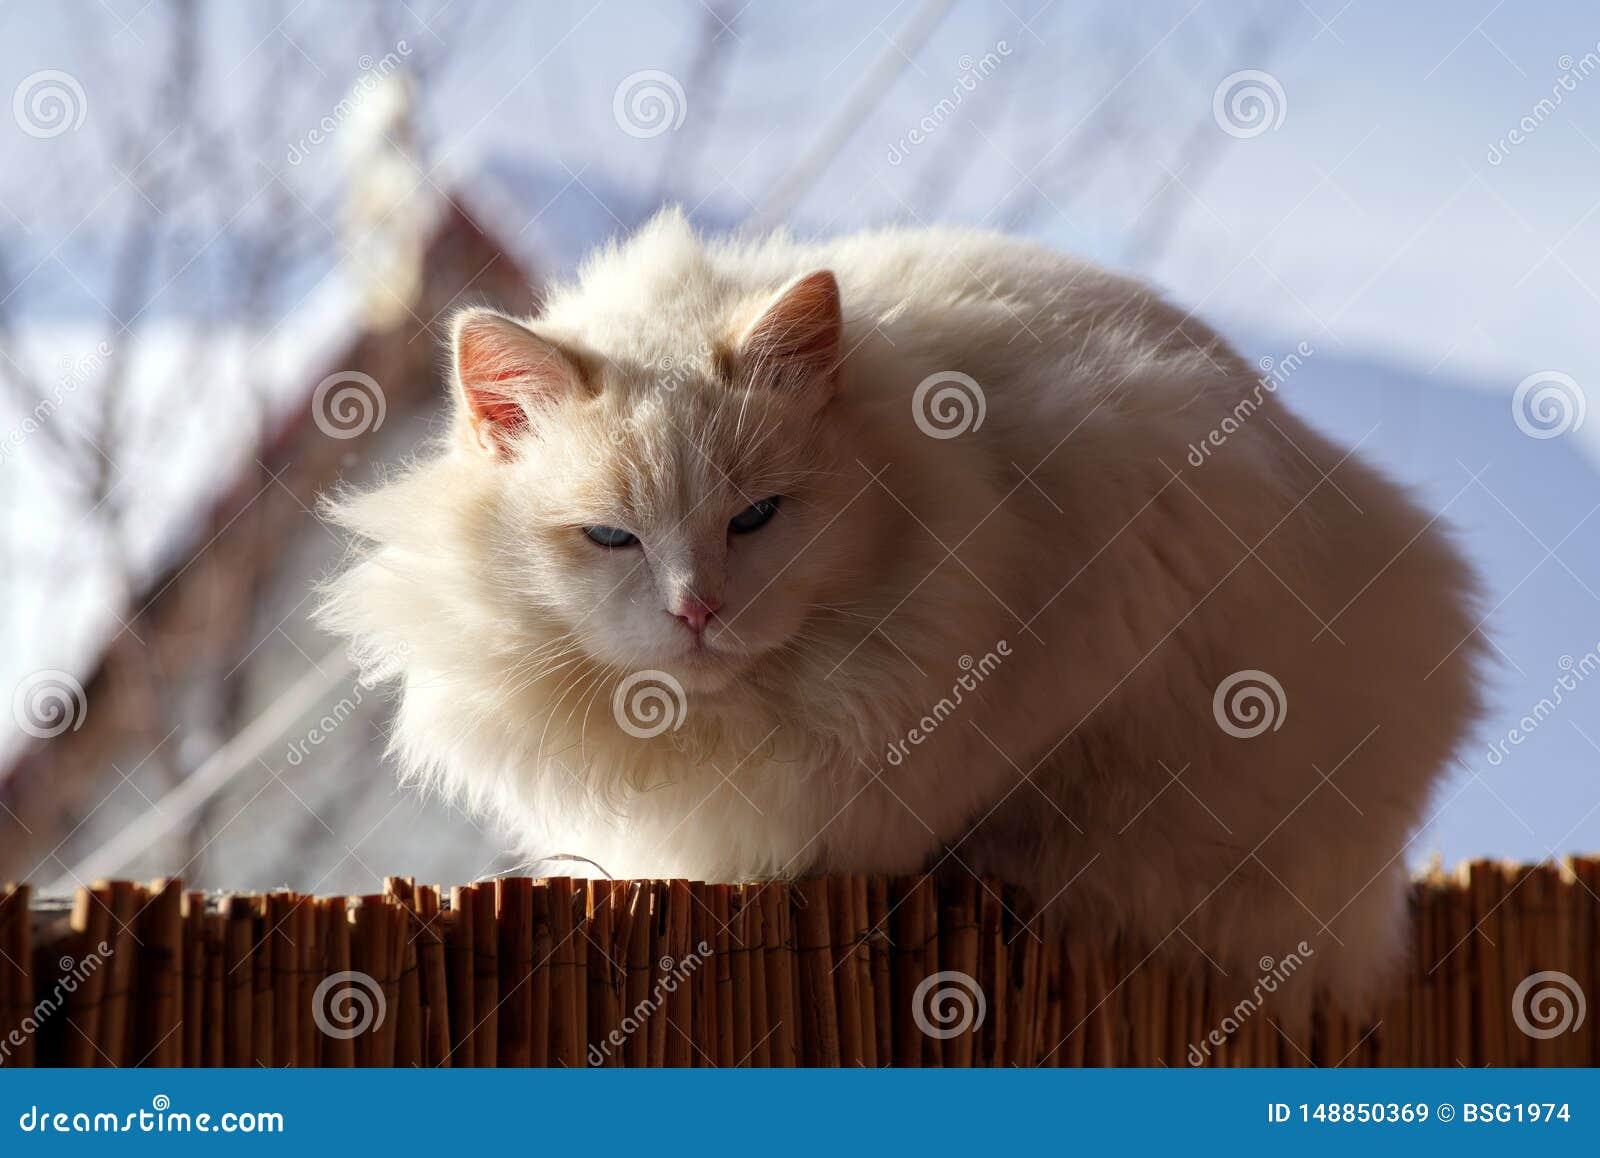 Le chat se dore pendant l hiver au soleil